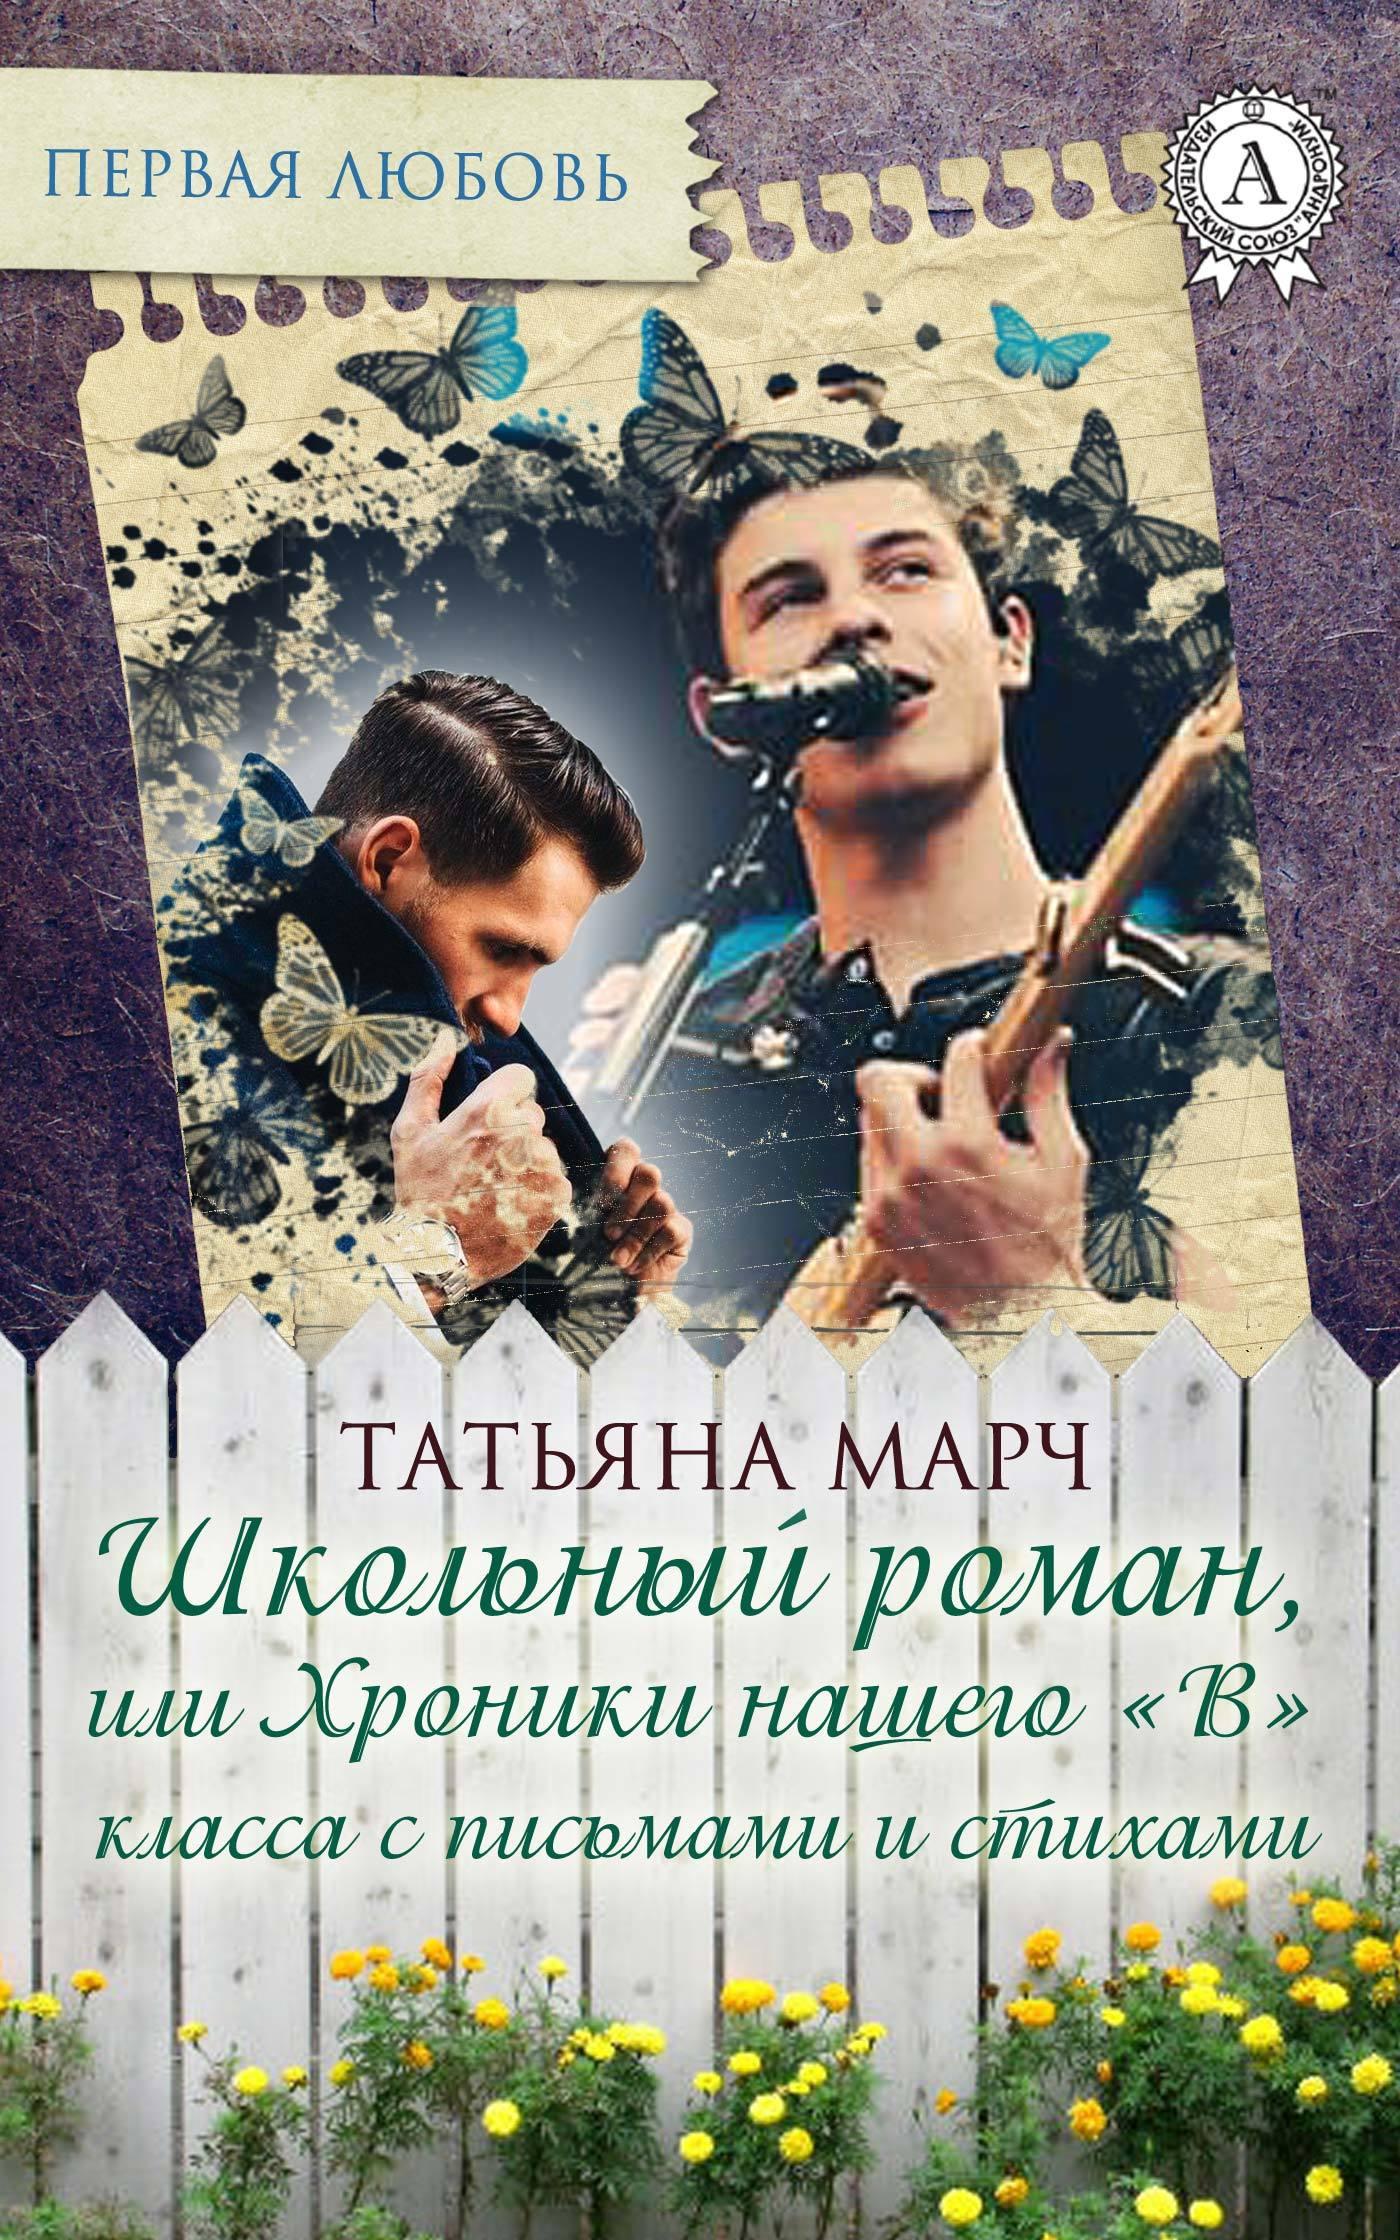 Татьяна Марч - Школьный роман, или Хроники нашего «В» класса с письмами и стихами